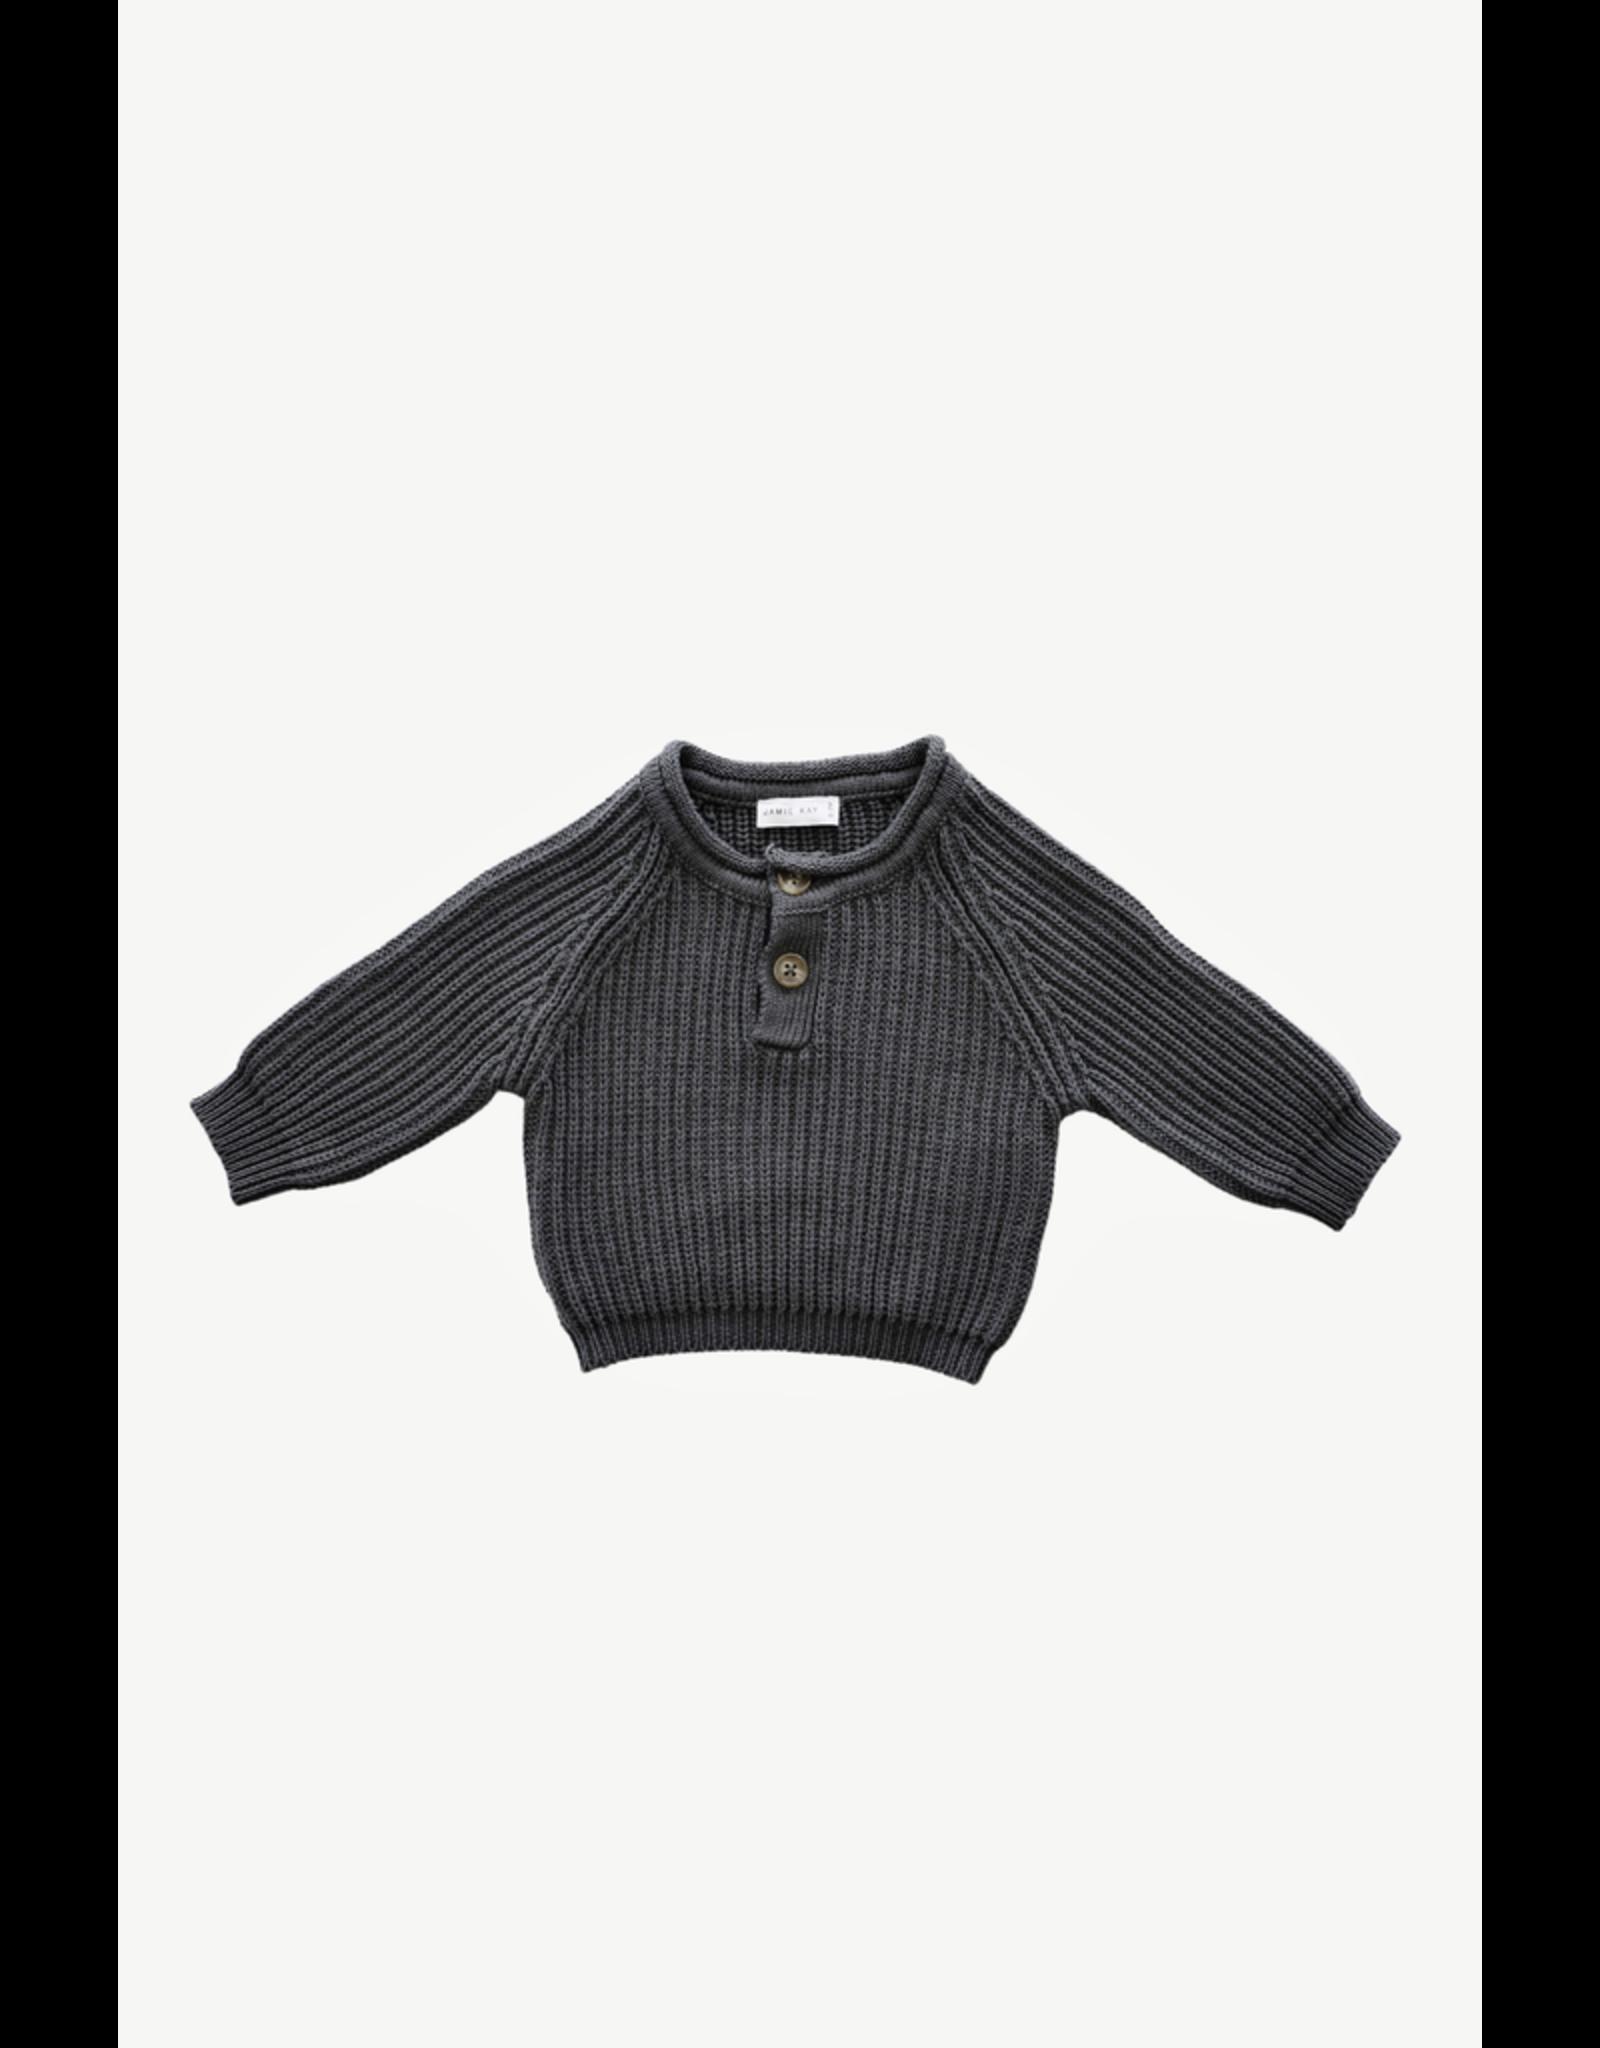 jamie kay jamie kay sam knit sweater